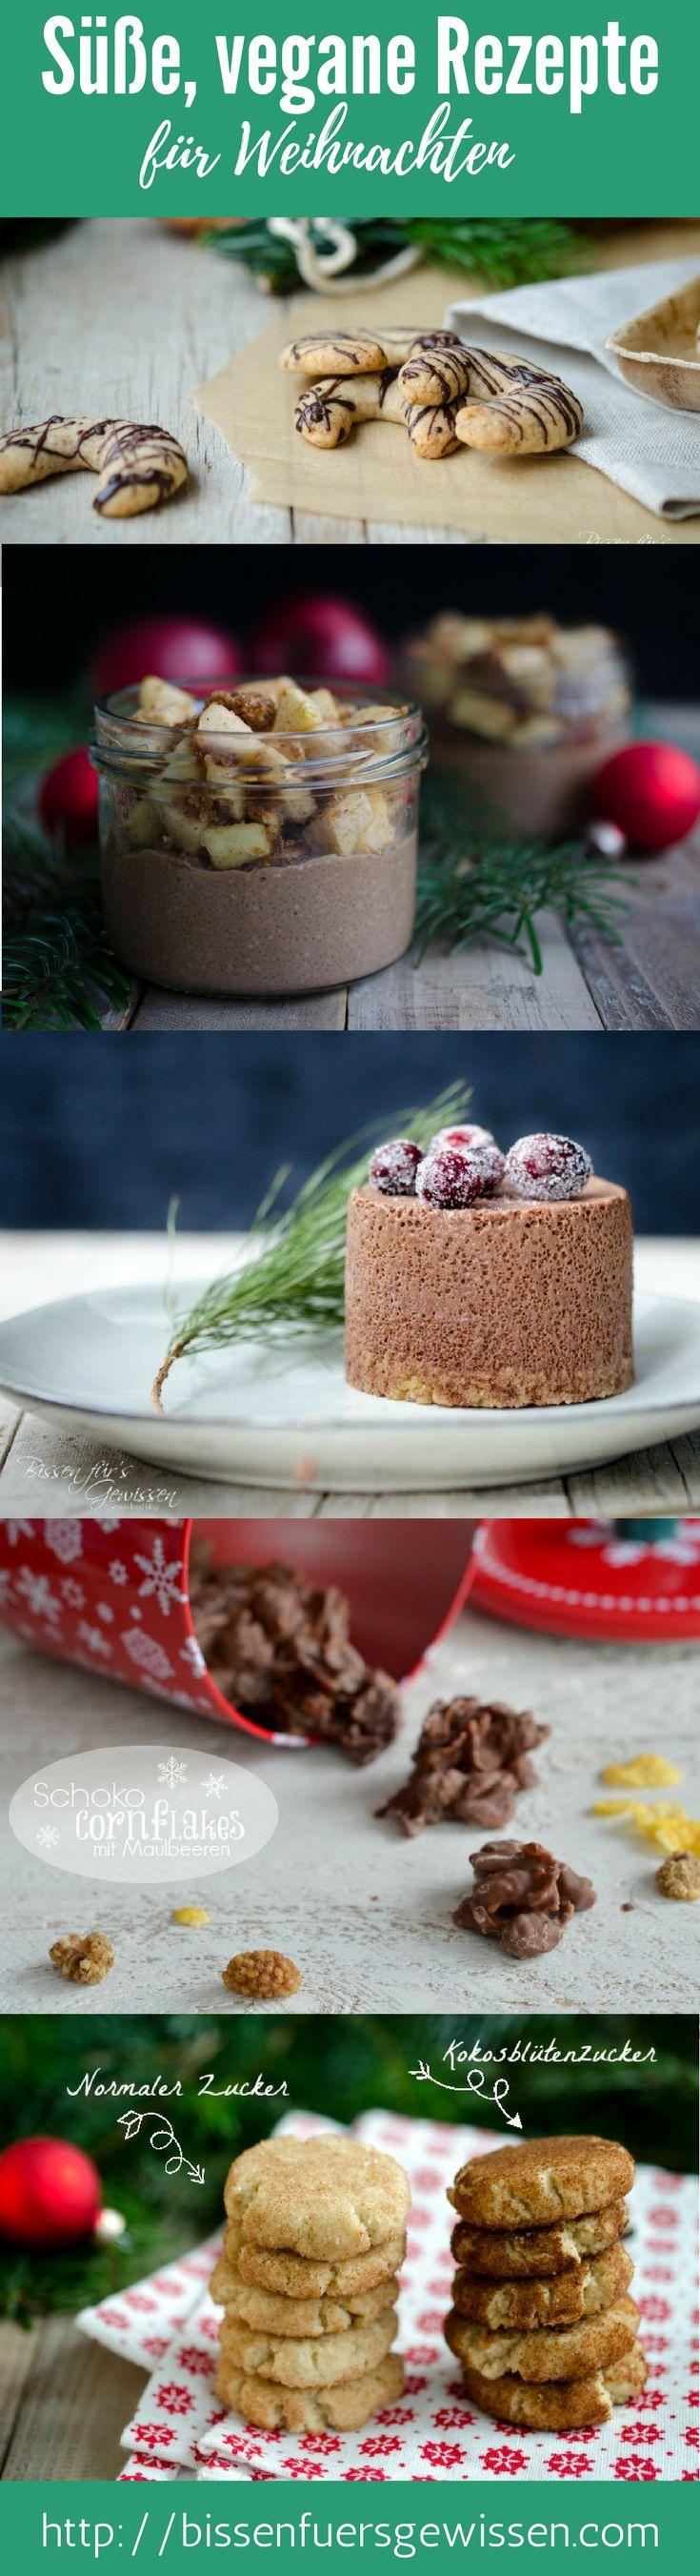 Vegane und süße Rezept für Weihnachten: Weihnachtskekse, Weihnachtsdesserts und Backwaren. Lebkuchenmuffins, Snickerdoodles, Schokomousseparfait fürs Weihnachtsessen und viele weitere Rezepte. #vegan #rezeptesammlung #Weihnachten #Weihnachtskekse